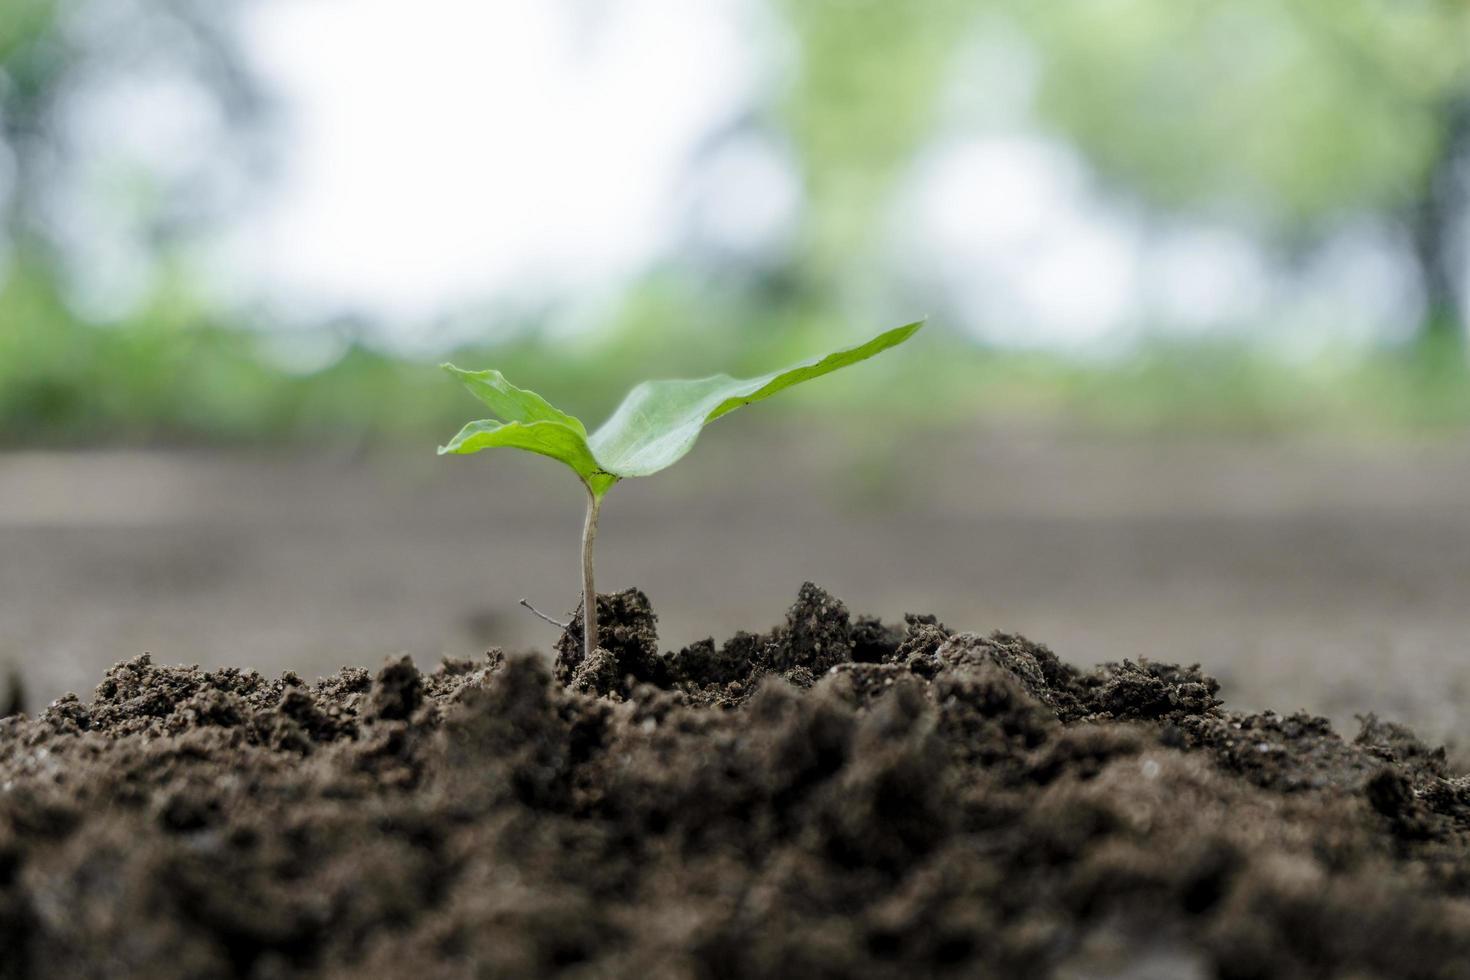 planta brota del suelo en el jardín foto